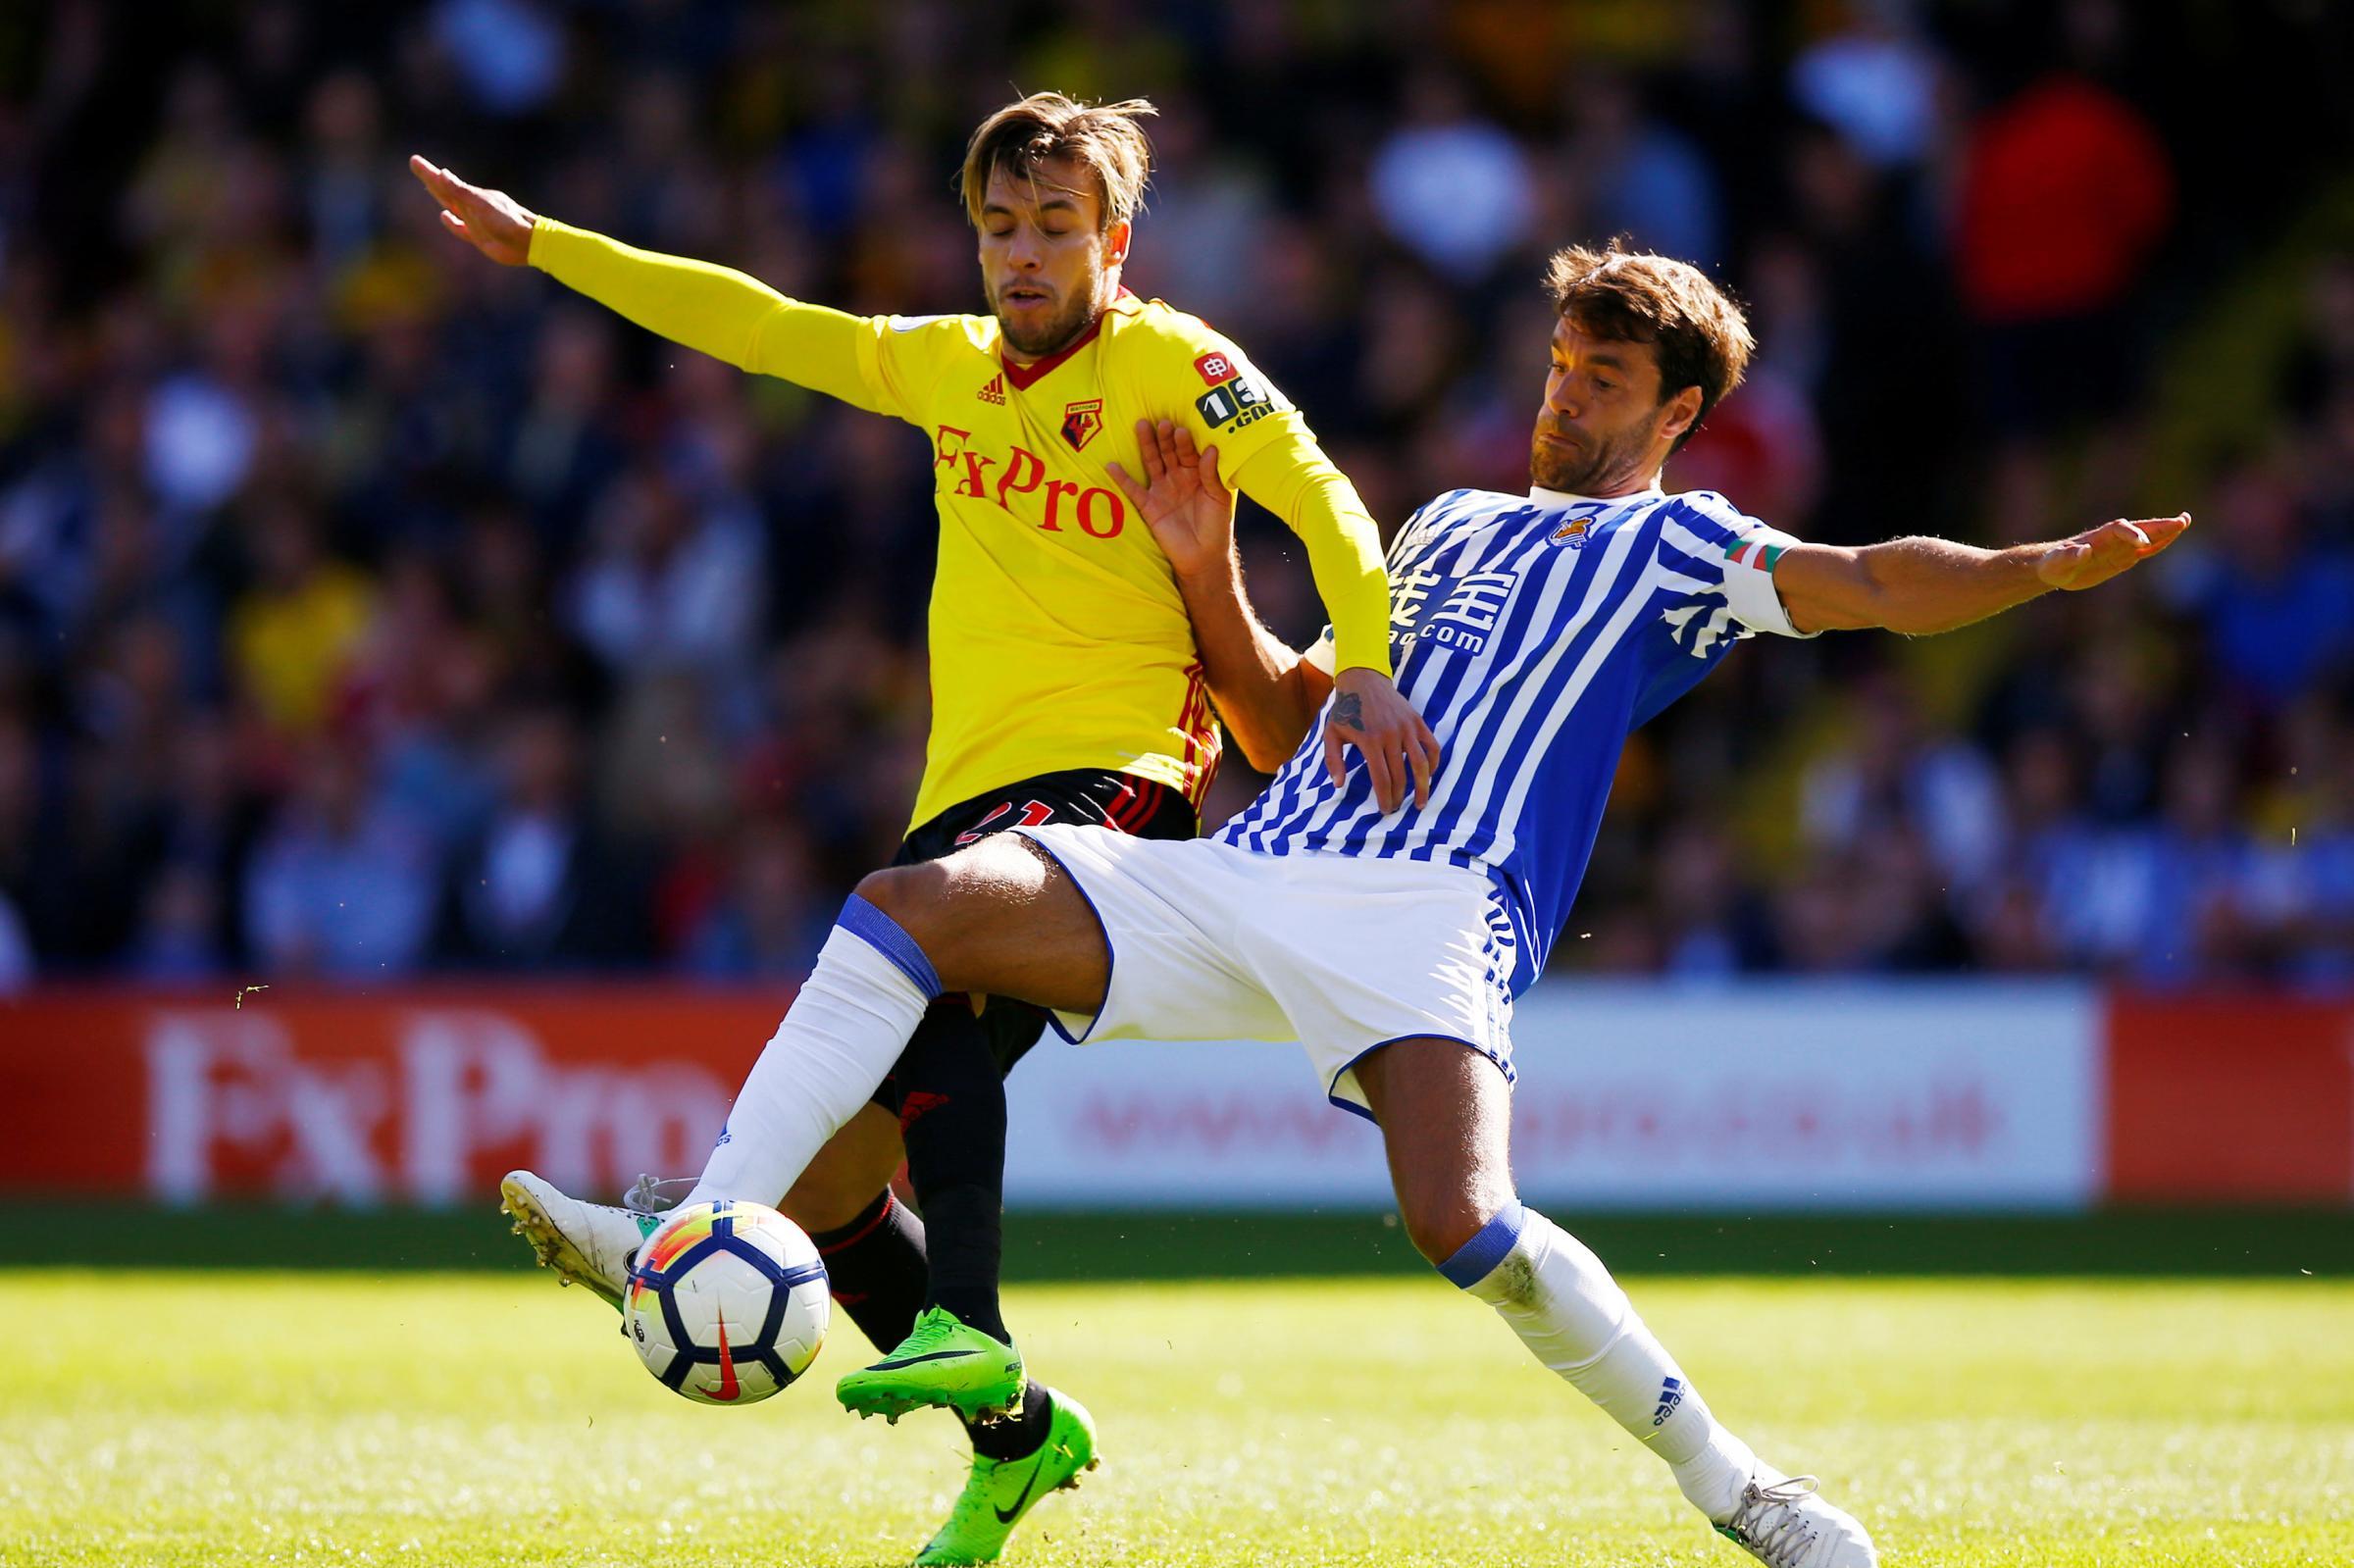 Watford will face Real Sociedad in the Graham Taylor Matchday at Vicarage Road